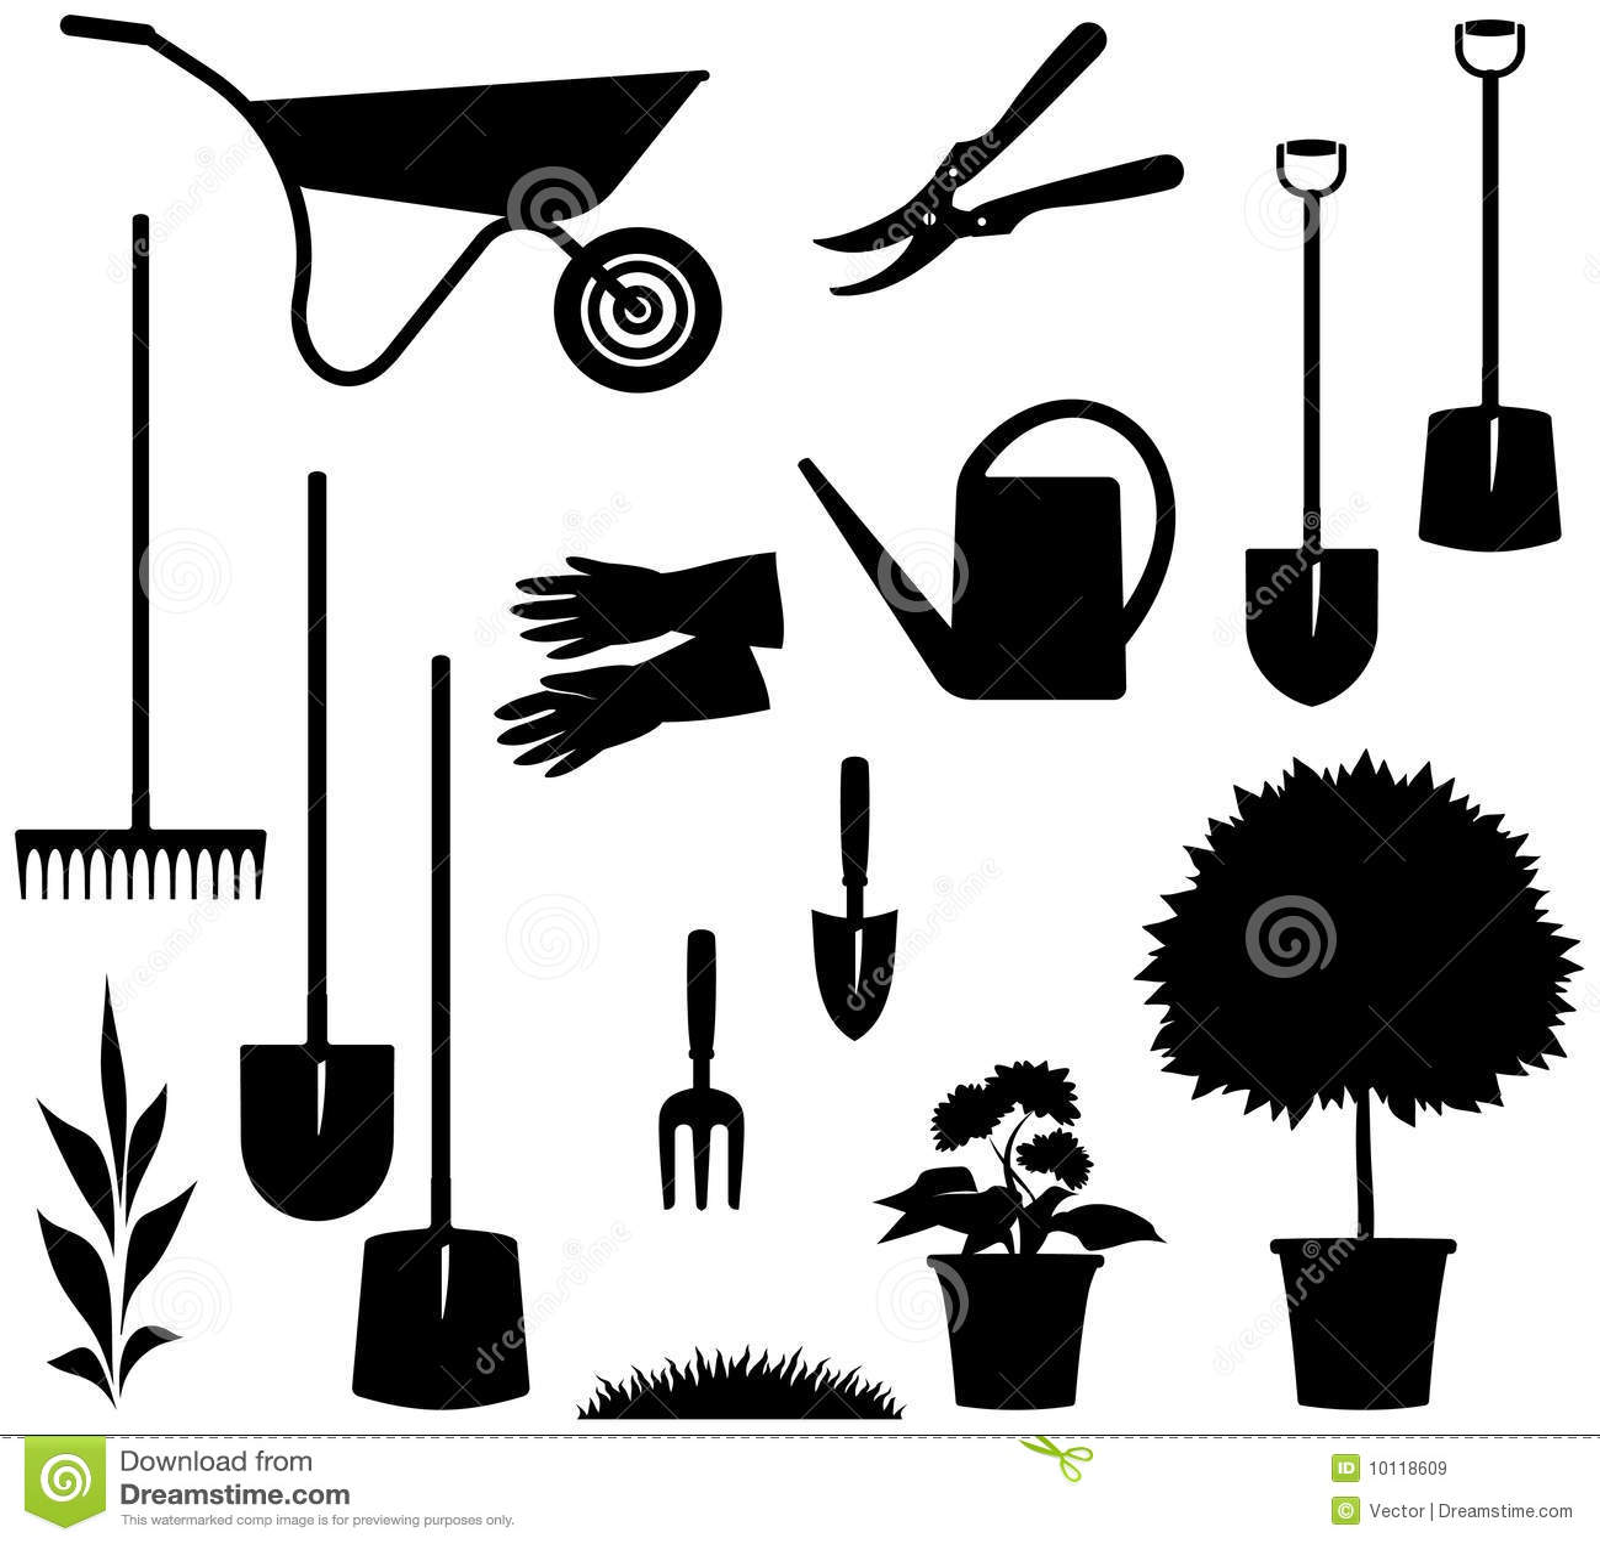 Gardening Items – Vector illustration